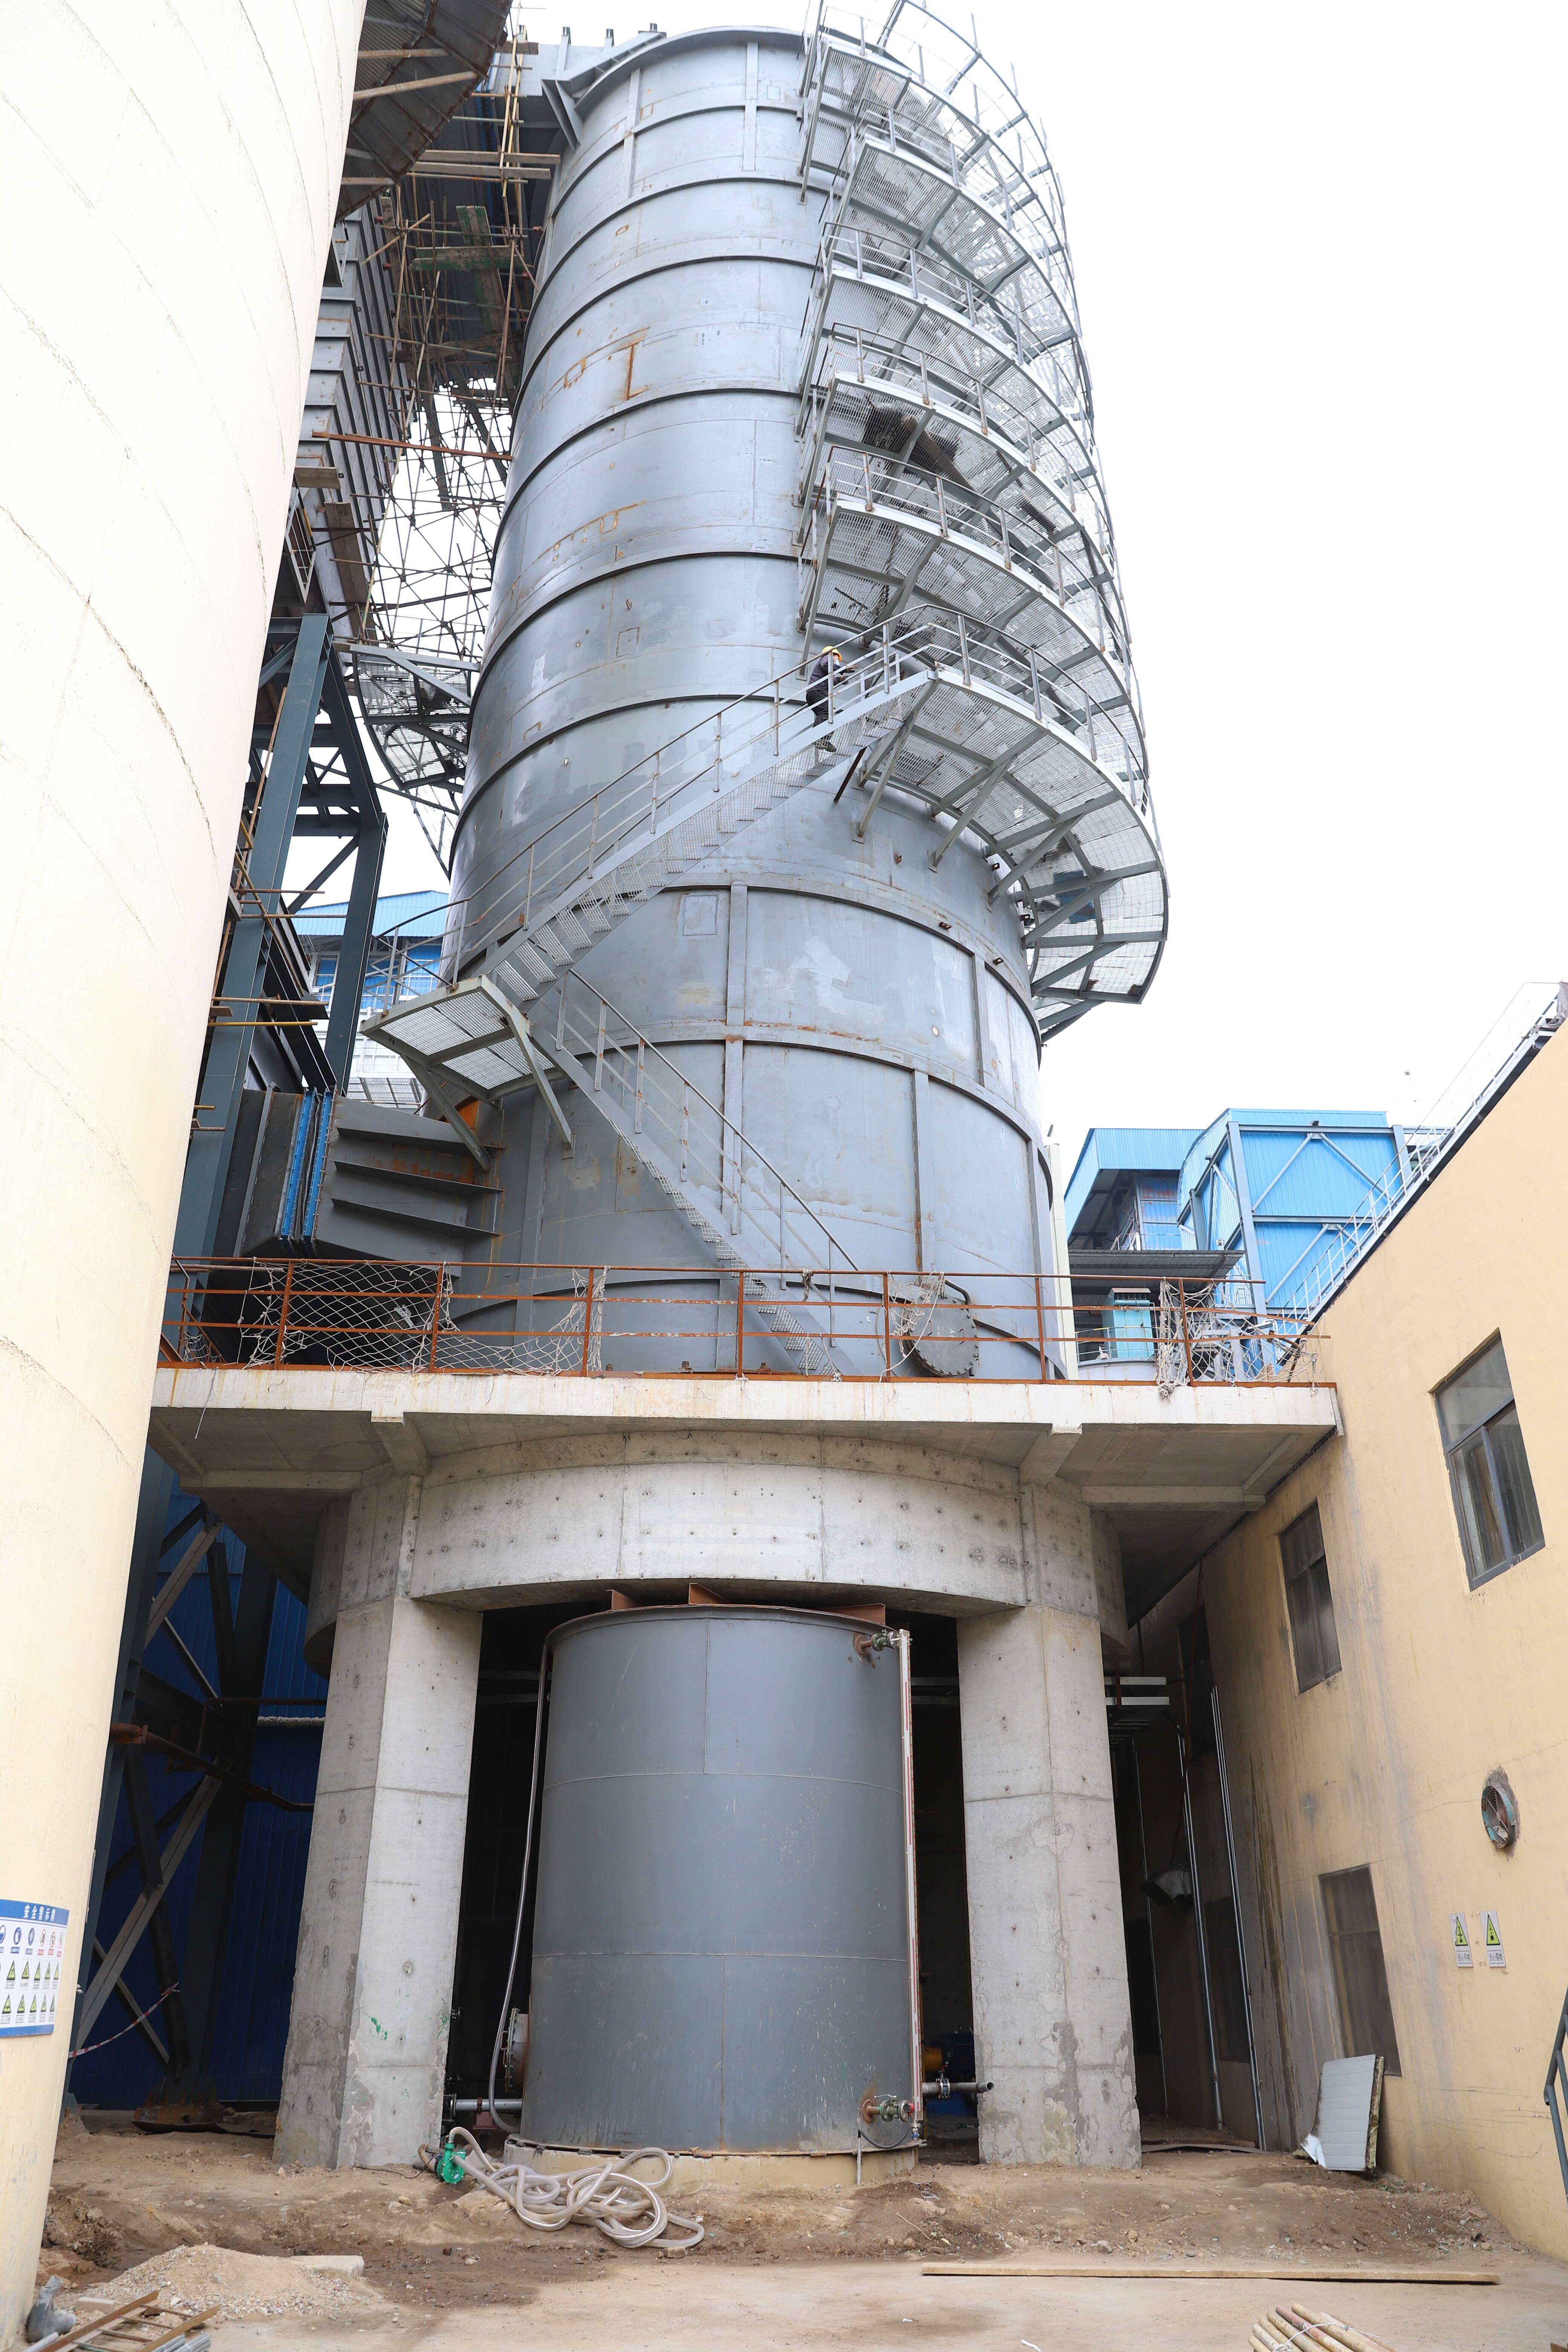 博源热电厂锅炉烟气余热回收利用项目新建的吸收塔。记者 张静 报道